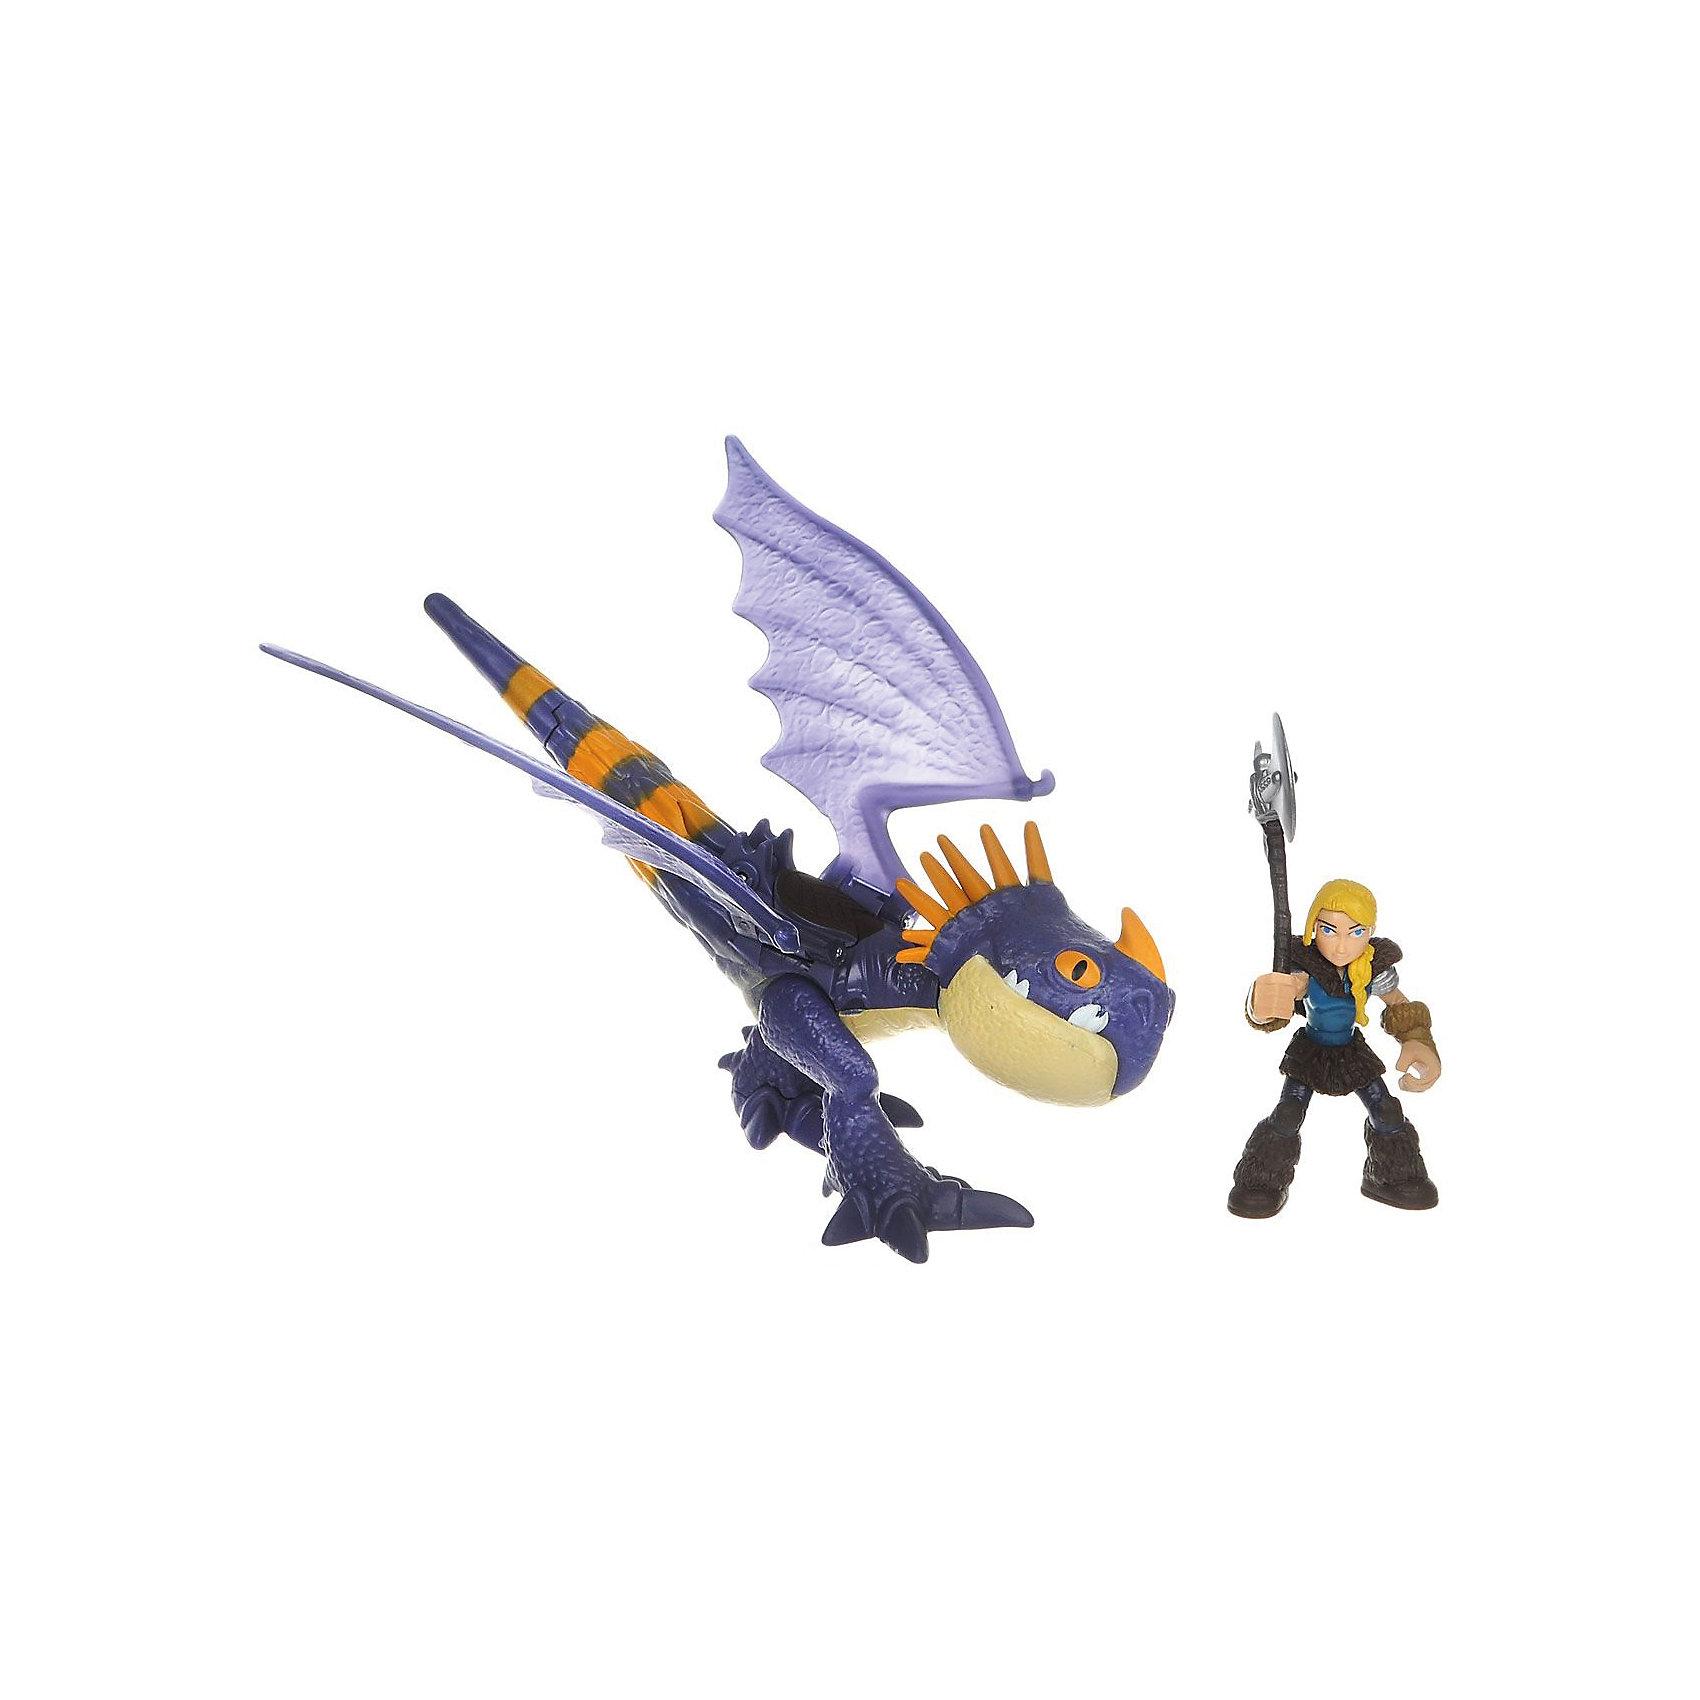 Набор Астрид и Громгильда, фиолетовый дракон, Как приручить дракона, Spin MasterЛюбимые герои<br><br><br>Ширина мм: 295<br>Глубина мм: 213<br>Высота мм: 106<br>Вес г: 201<br>Возраст от месяцев: 36<br>Возраст до месяцев: 96<br>Пол: Унисекс<br>Возраст: Детский<br>SKU: 6739775